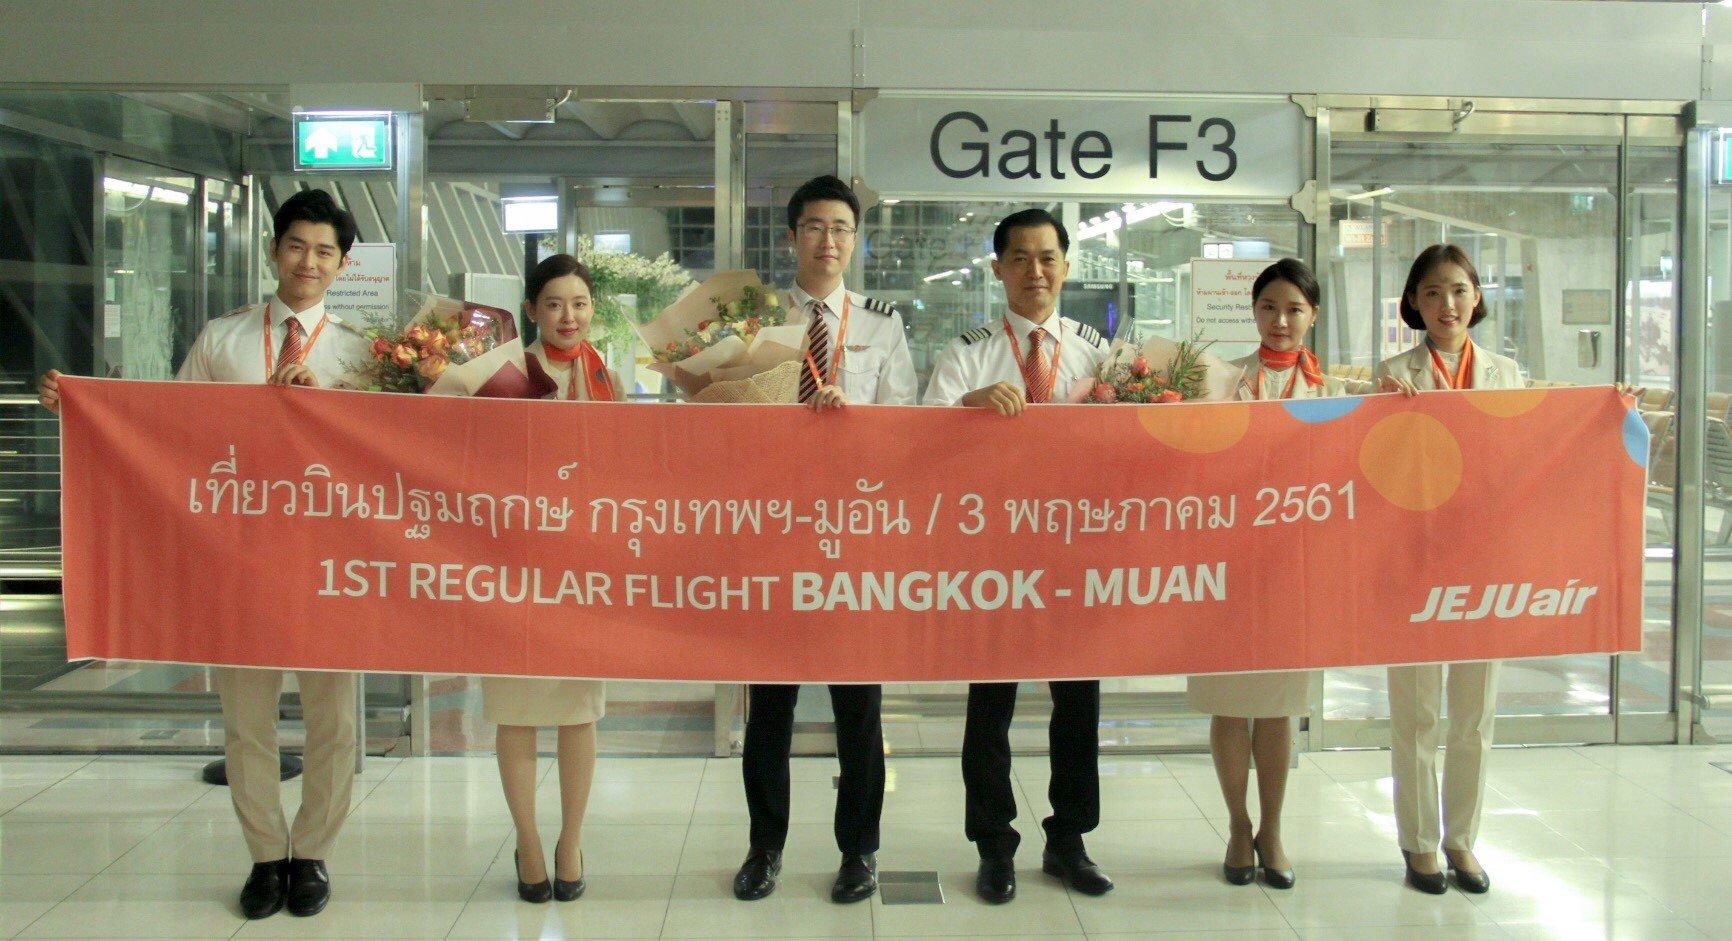 เจจูแอร์เปิดเส้นทางบินใหม่ กรุงเทพ-มูอัน 13 -